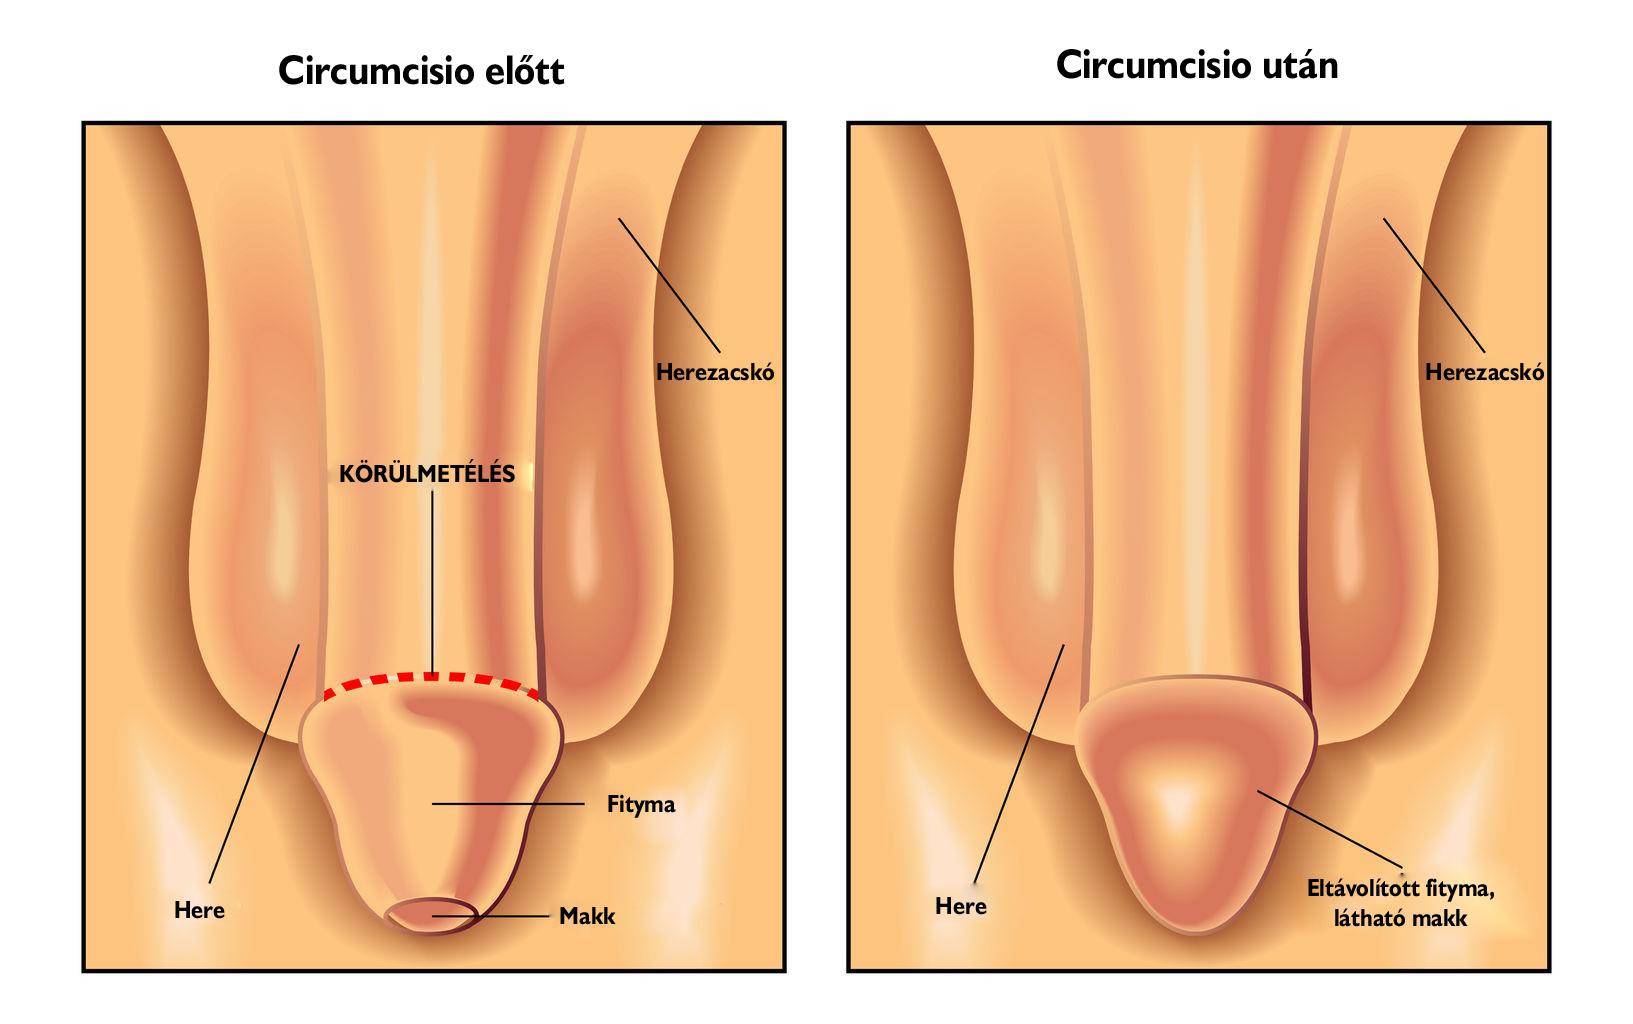 amikor a pénisz folyamatosan áll a pénisz növekedése a növekedéstől